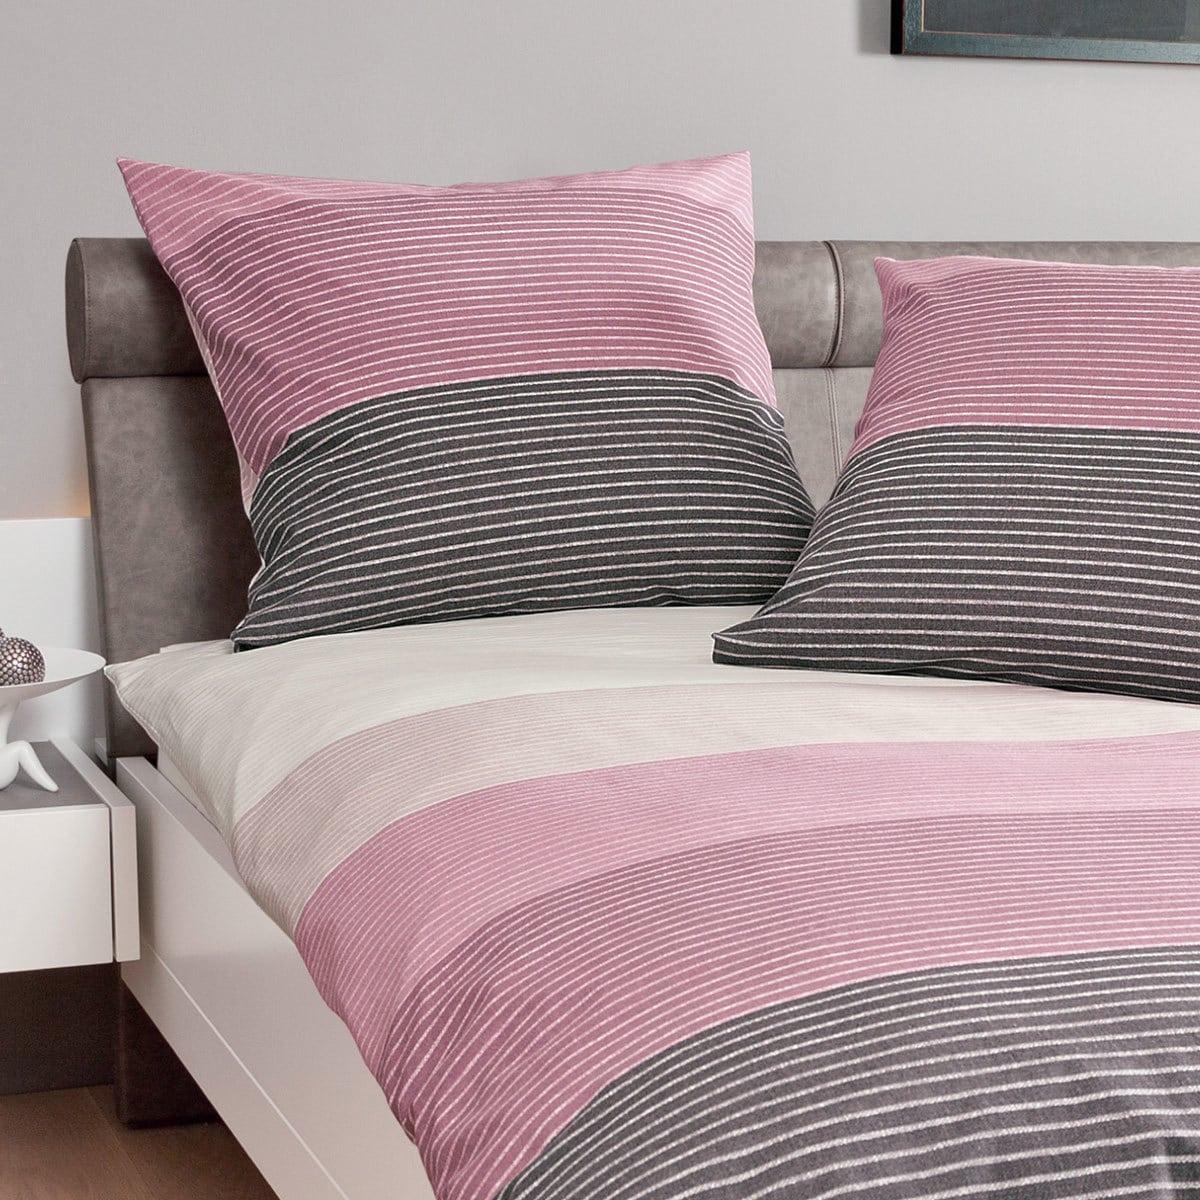 janine feinbiber bettw sche davos 65043 05 g nstig online kaufen bei bettwaren shop. Black Bedroom Furniture Sets. Home Design Ideas